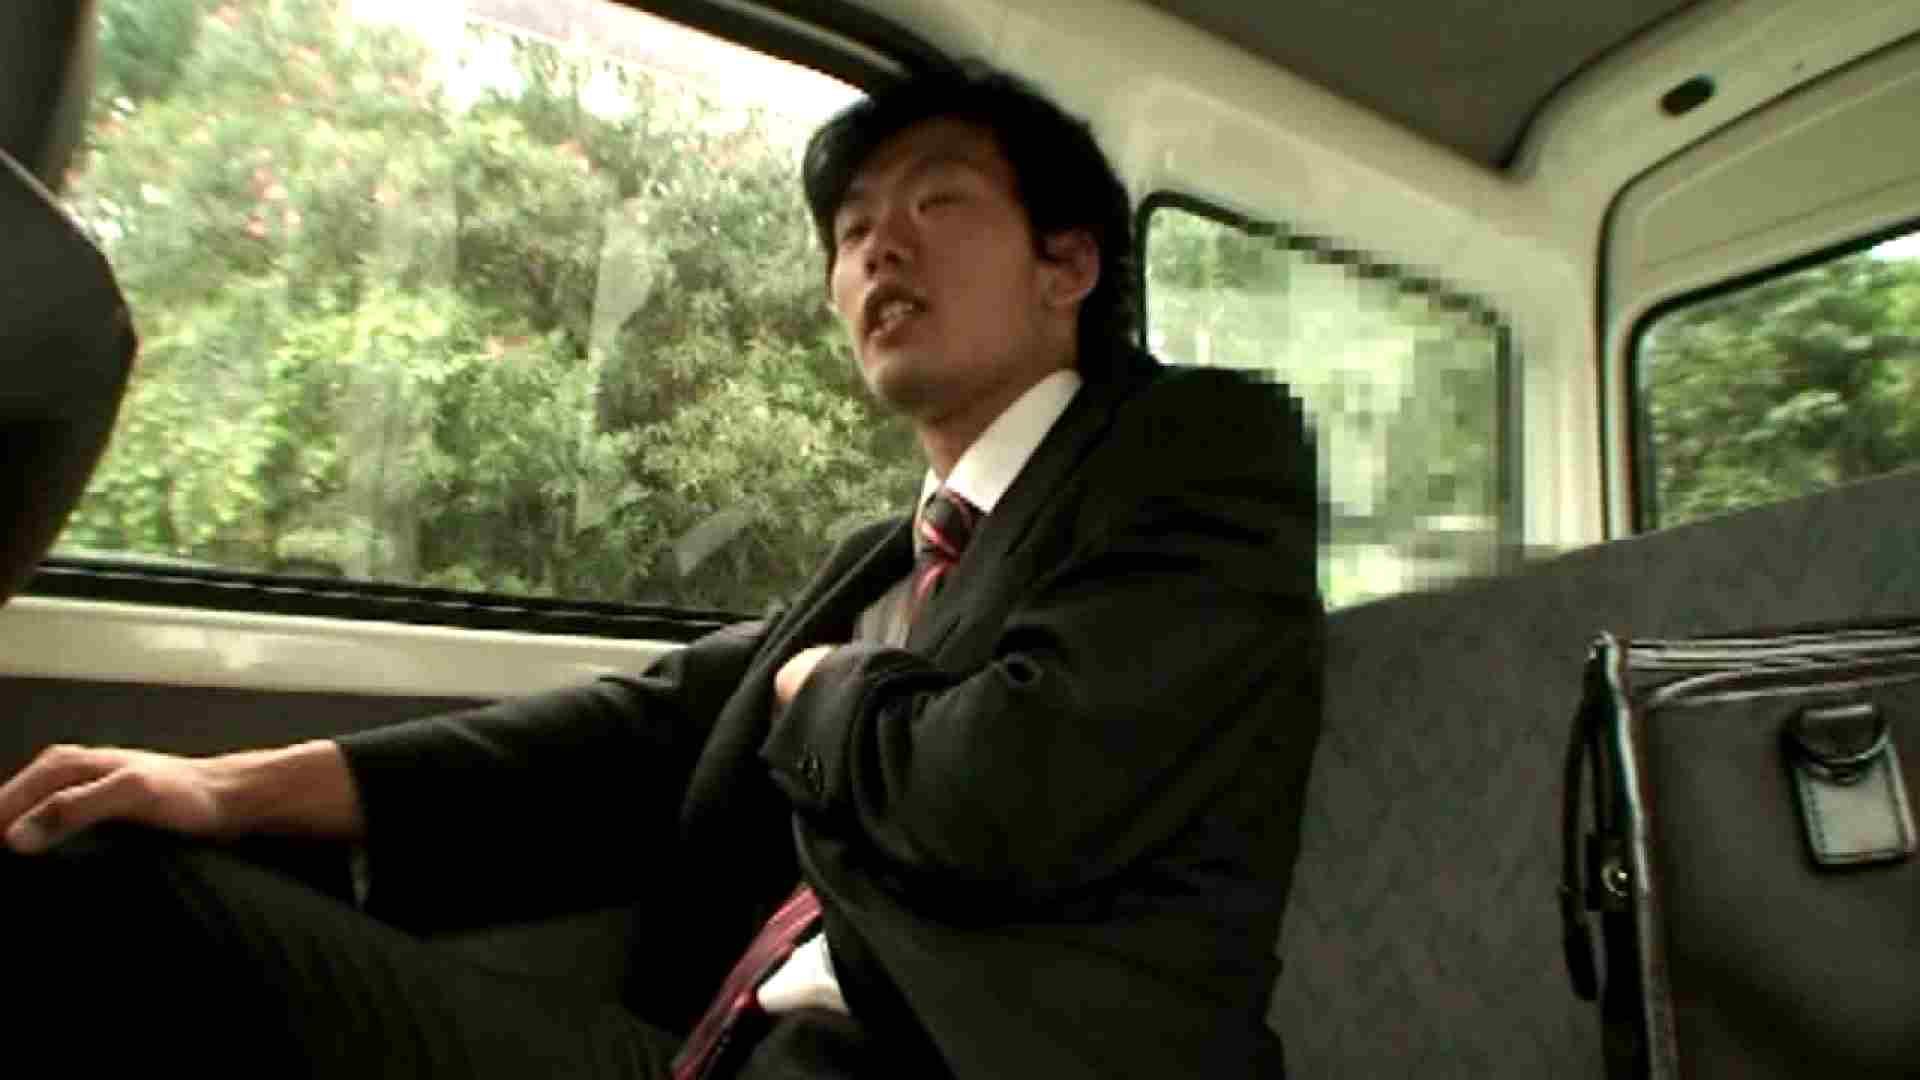 ノンケ!自慰スタジオ No.14 オナニー   自慰動画 アダルトビデオ画像キャプチャ 10連発 1